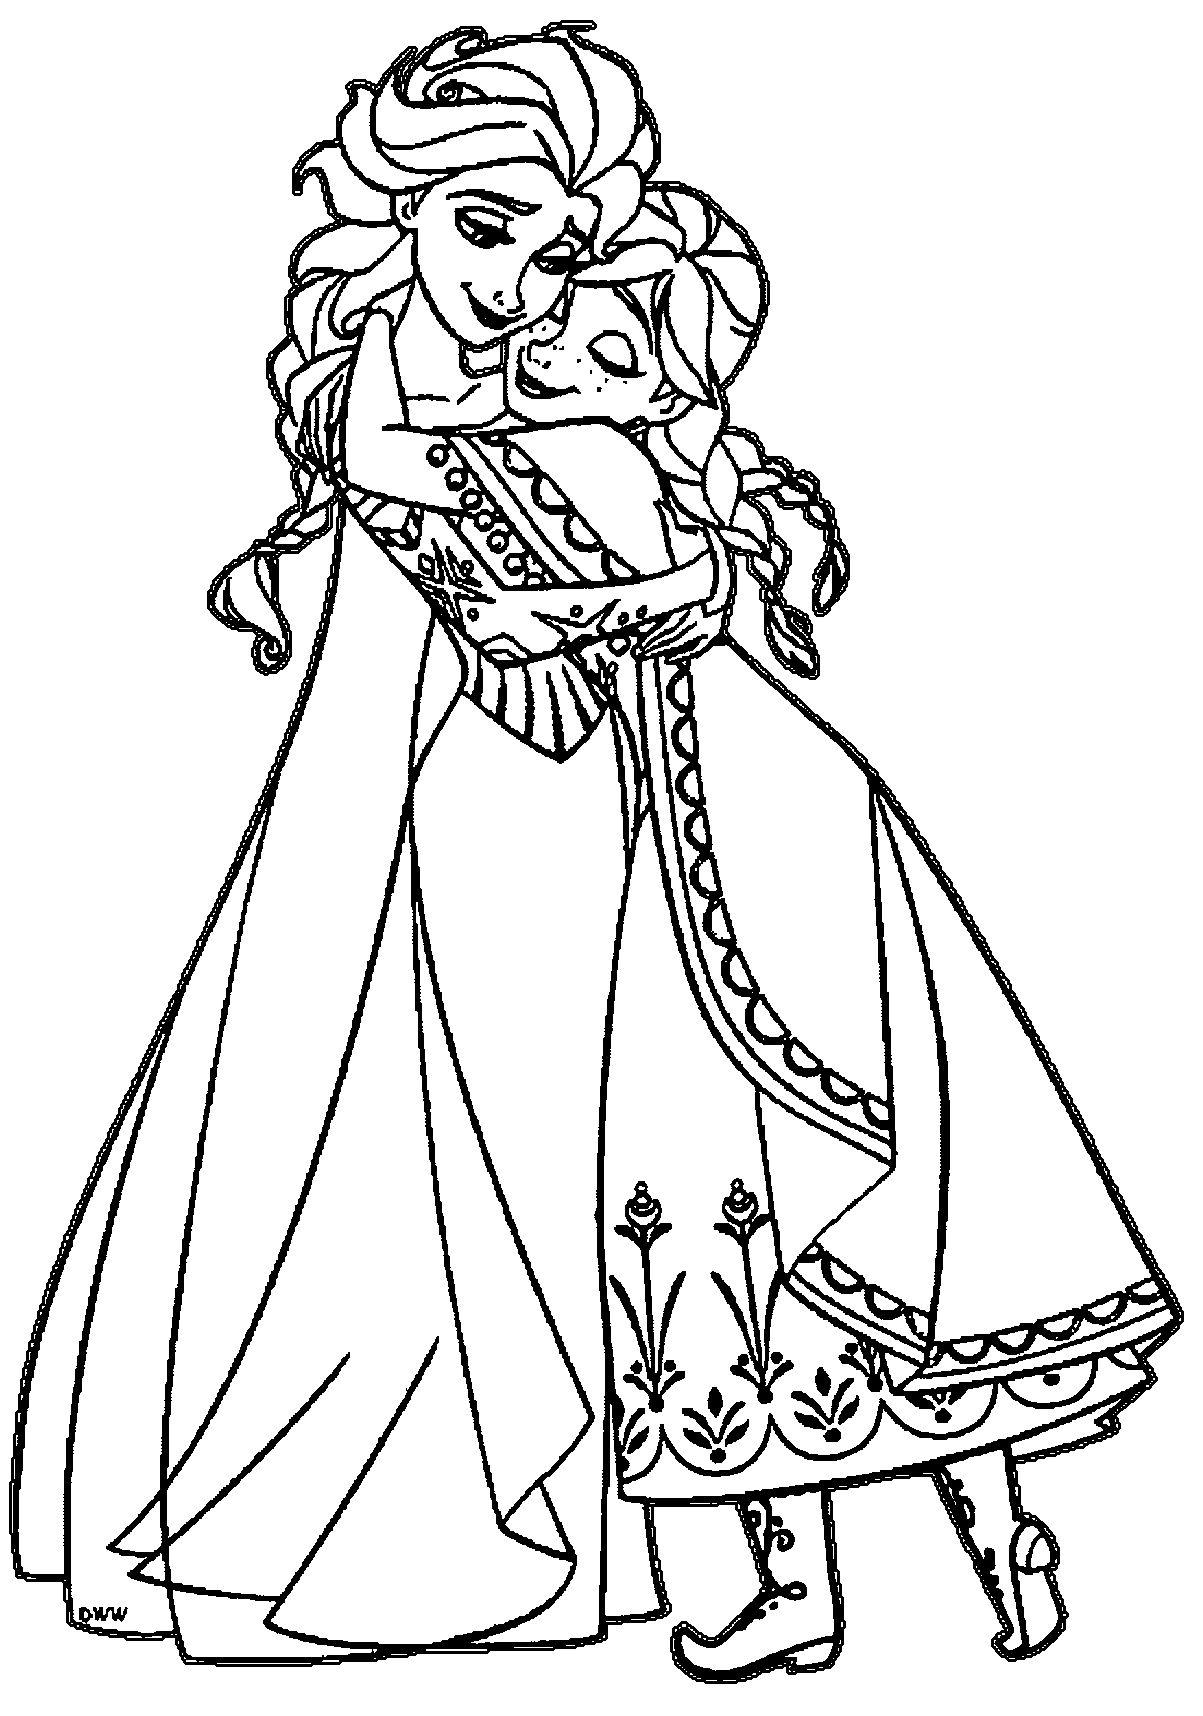 Tranh Tô Màu Elsa Và Anna 7